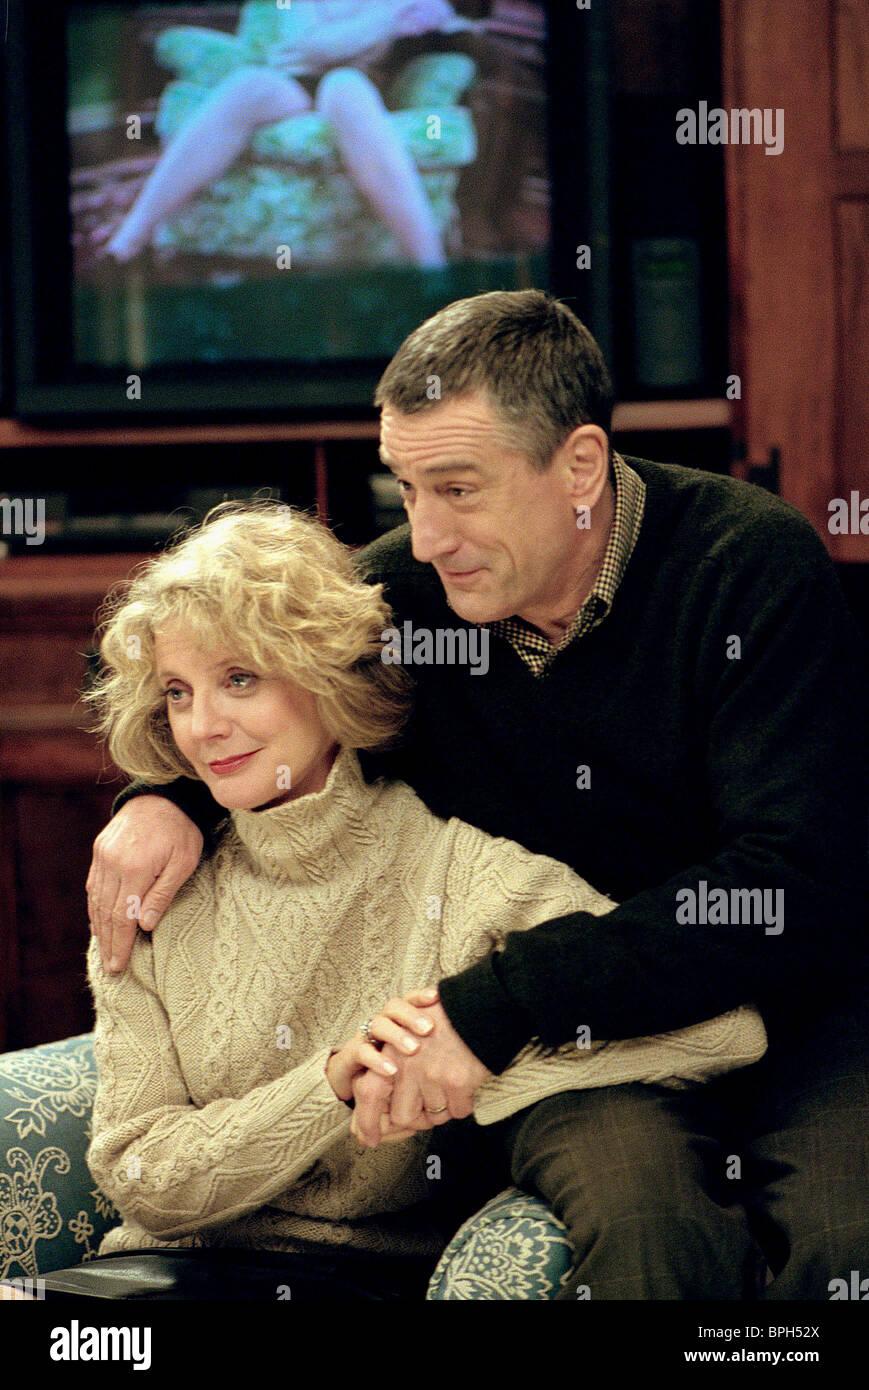 BLYTHE DANNER & ROBERT DE NIRO MEET THE PARENTS (2000) - Stock Image